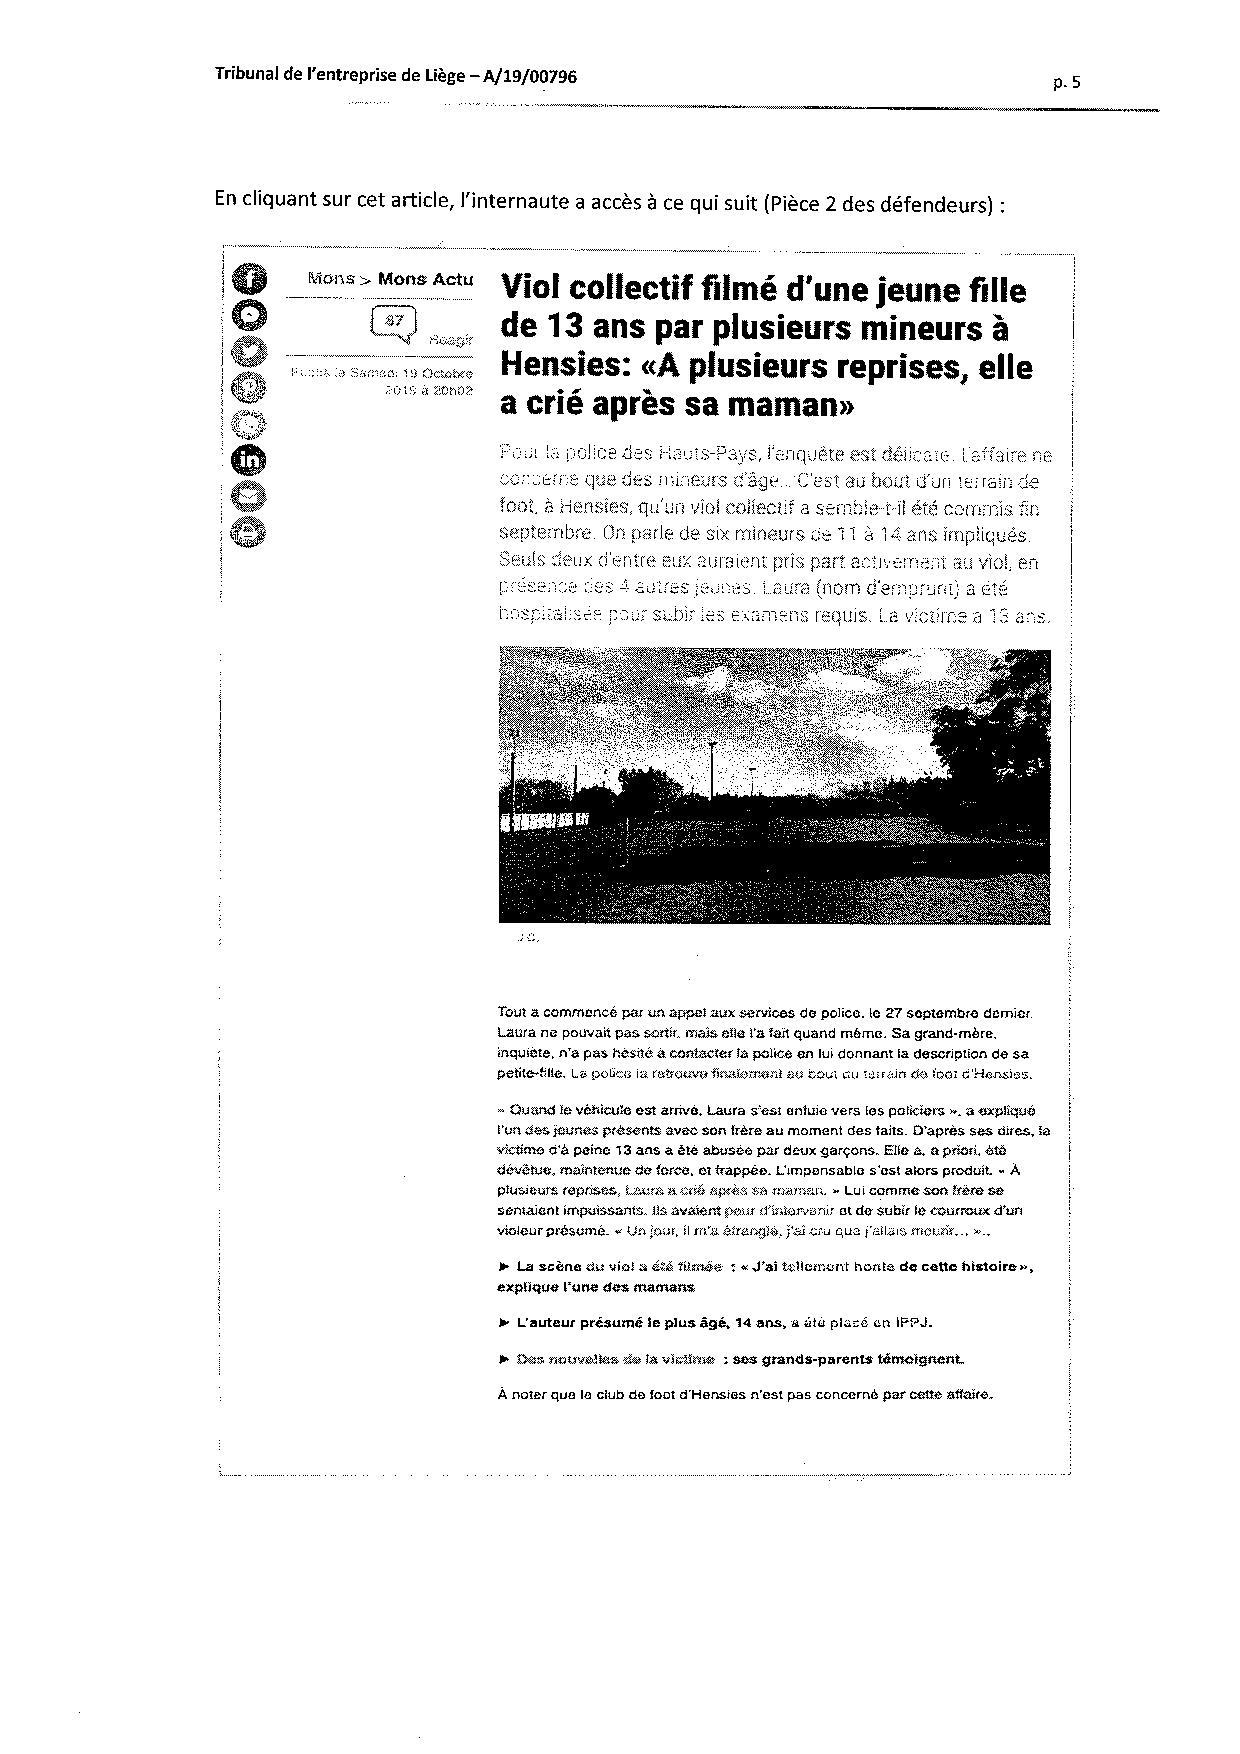 2020 01 10 SUD PRESSE c HERREGAT V et VINCESTONIAN SDE PLC (A-19-00796) aud 6-12-2019-page-005